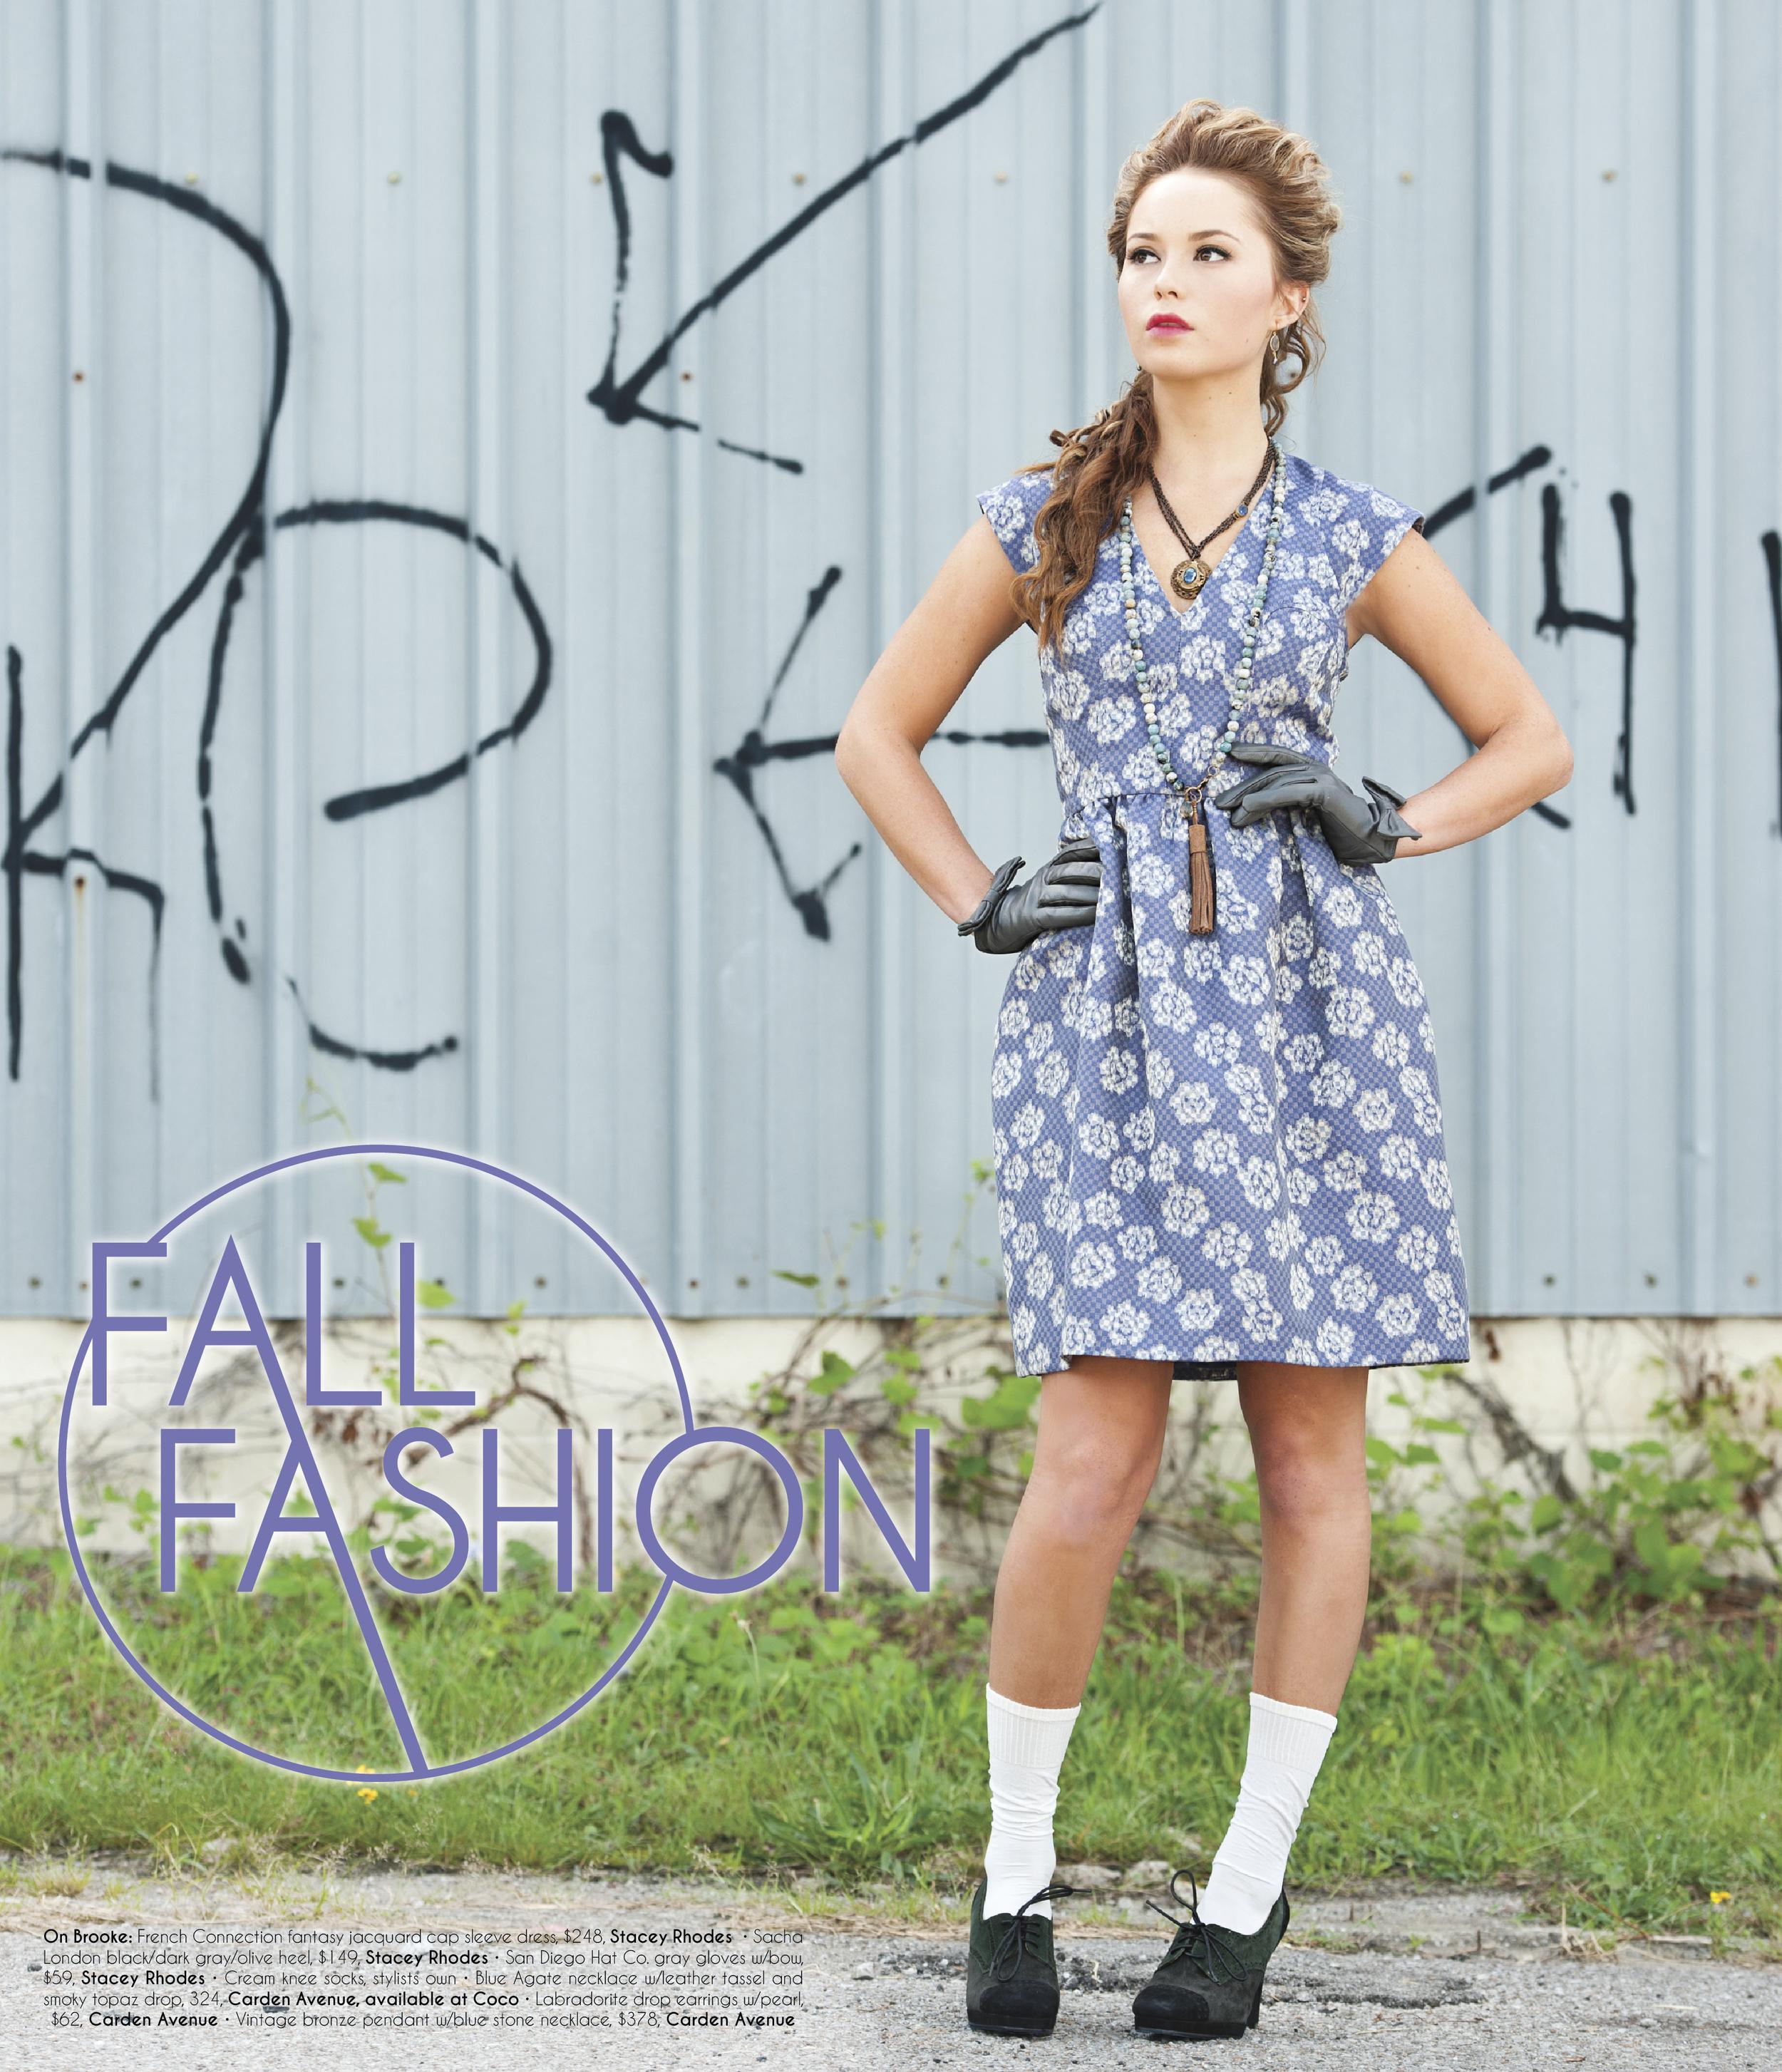 Fall Fashion 2013 Nashville Scene